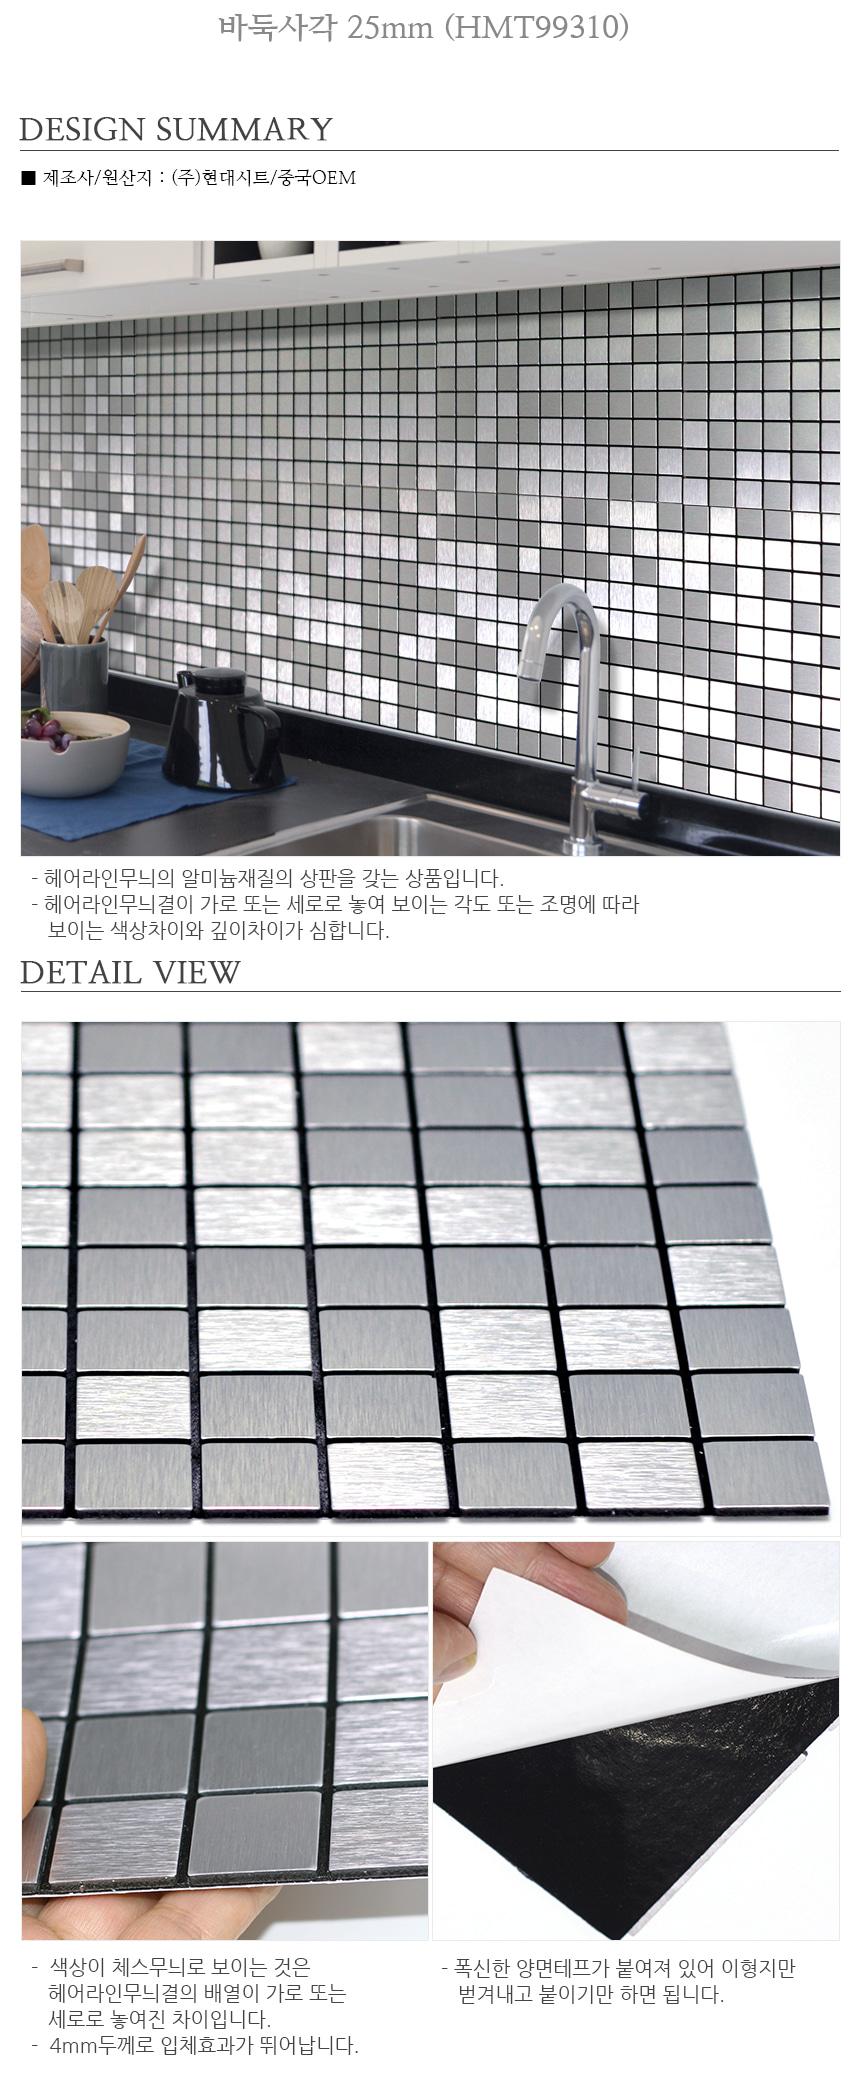 점착식 알미늄 메탈타일 바둑사각 25mm (HMT99310) - 데코사랑, 6,270원, 장식/부자재, 벽장식